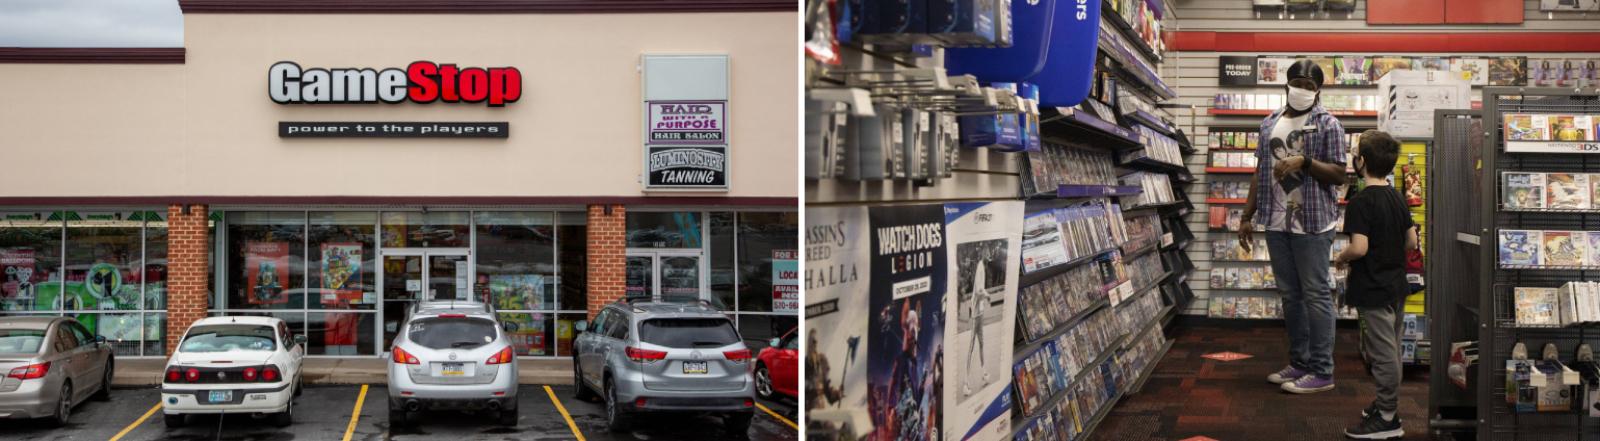 Gamestop-Geschäft in Selinsgrove, Pennsylvania, am 27.01.2021 (links) und das Innere eines Shops der Kette in Chicago am gleichen Tag (rechts)